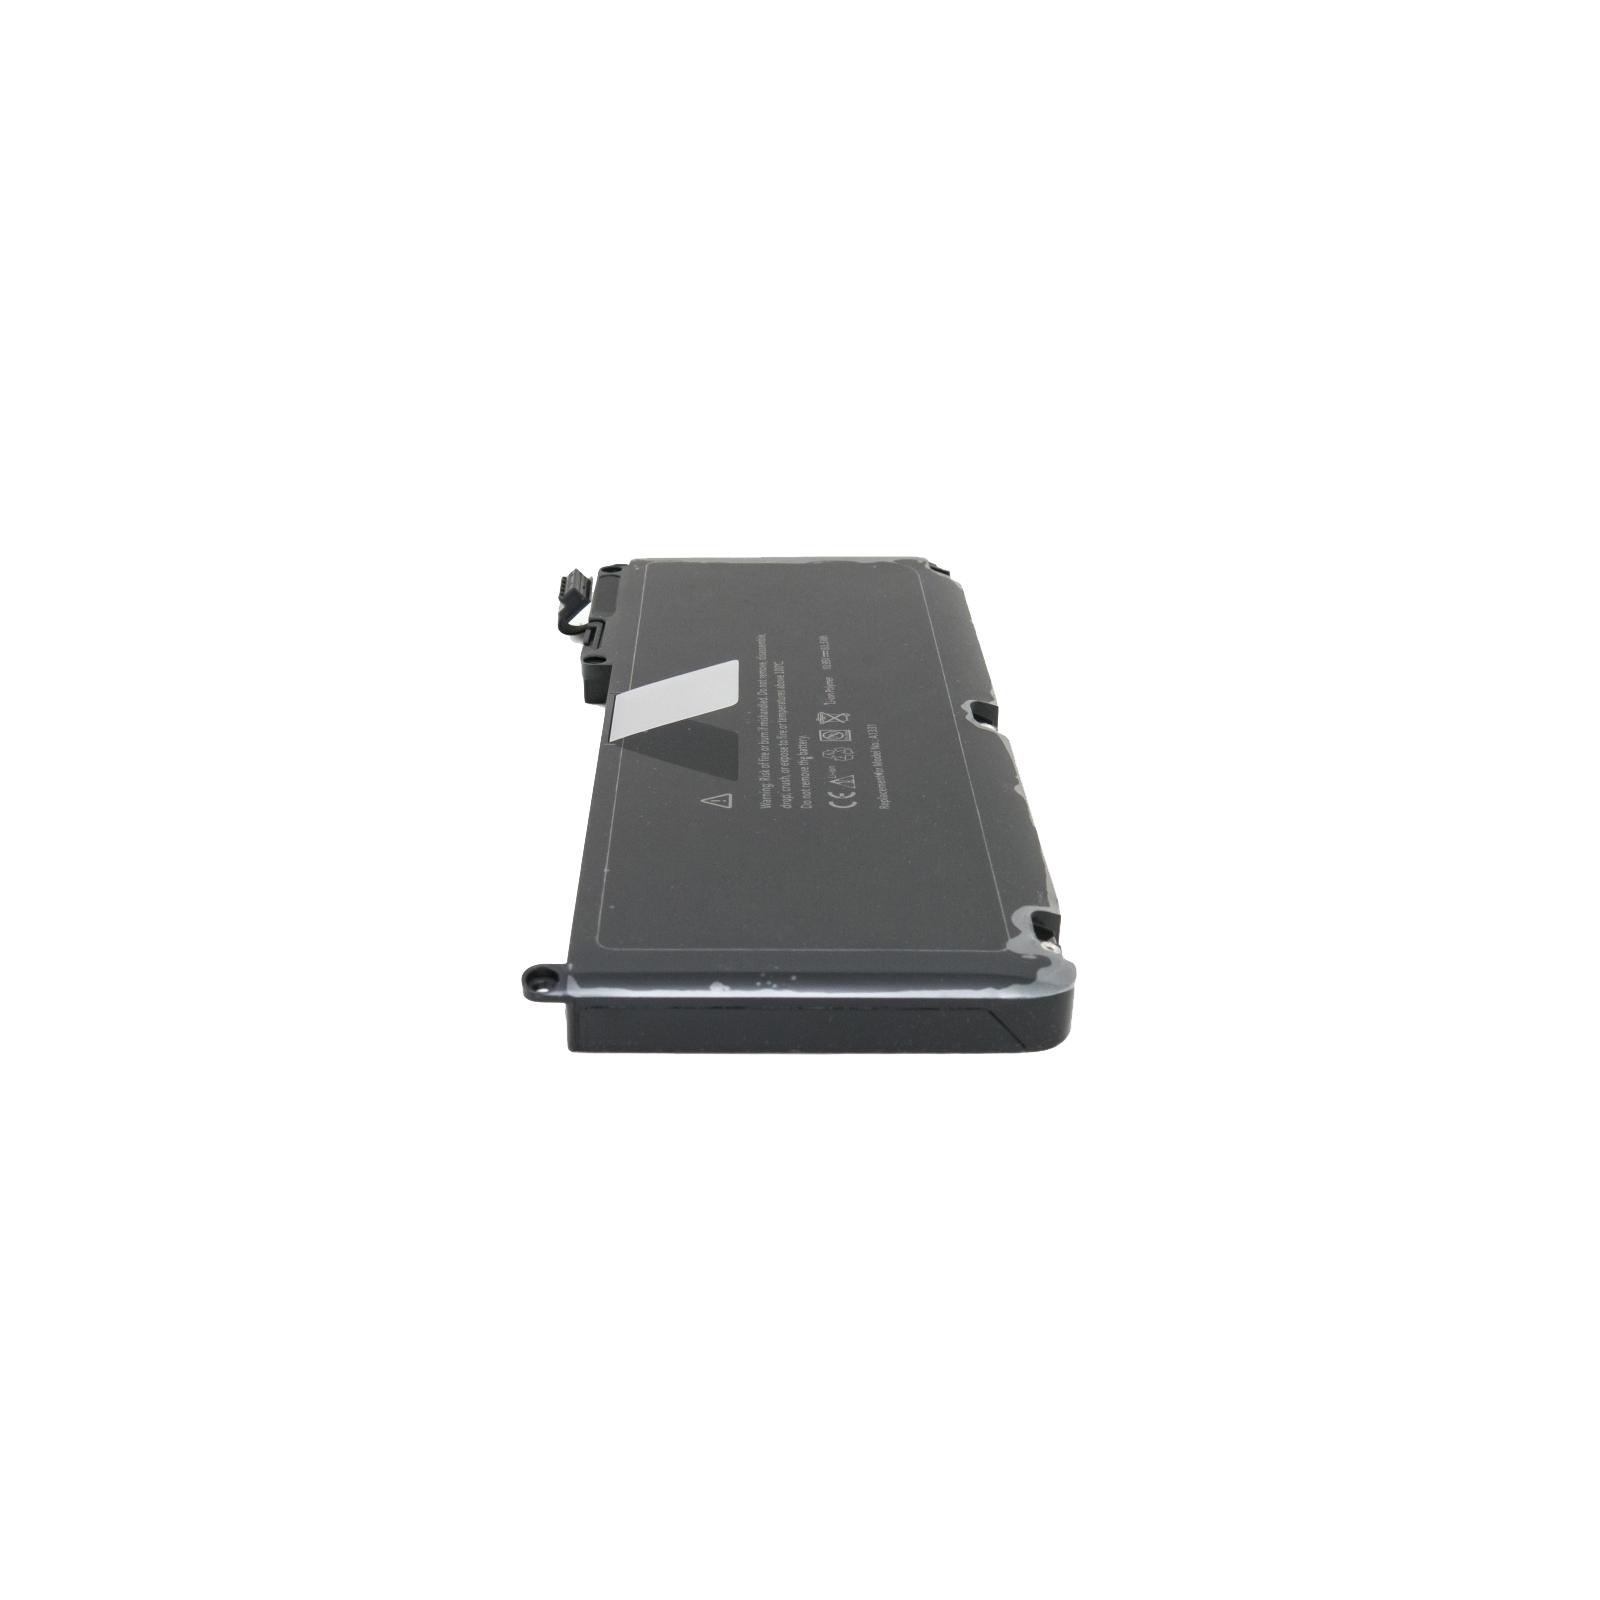 Аккумулятор для ноутбука Apple MacBook Pro (A1331) 63.5 Wh EXTRADIGITAL (BNA3918) изображение 5